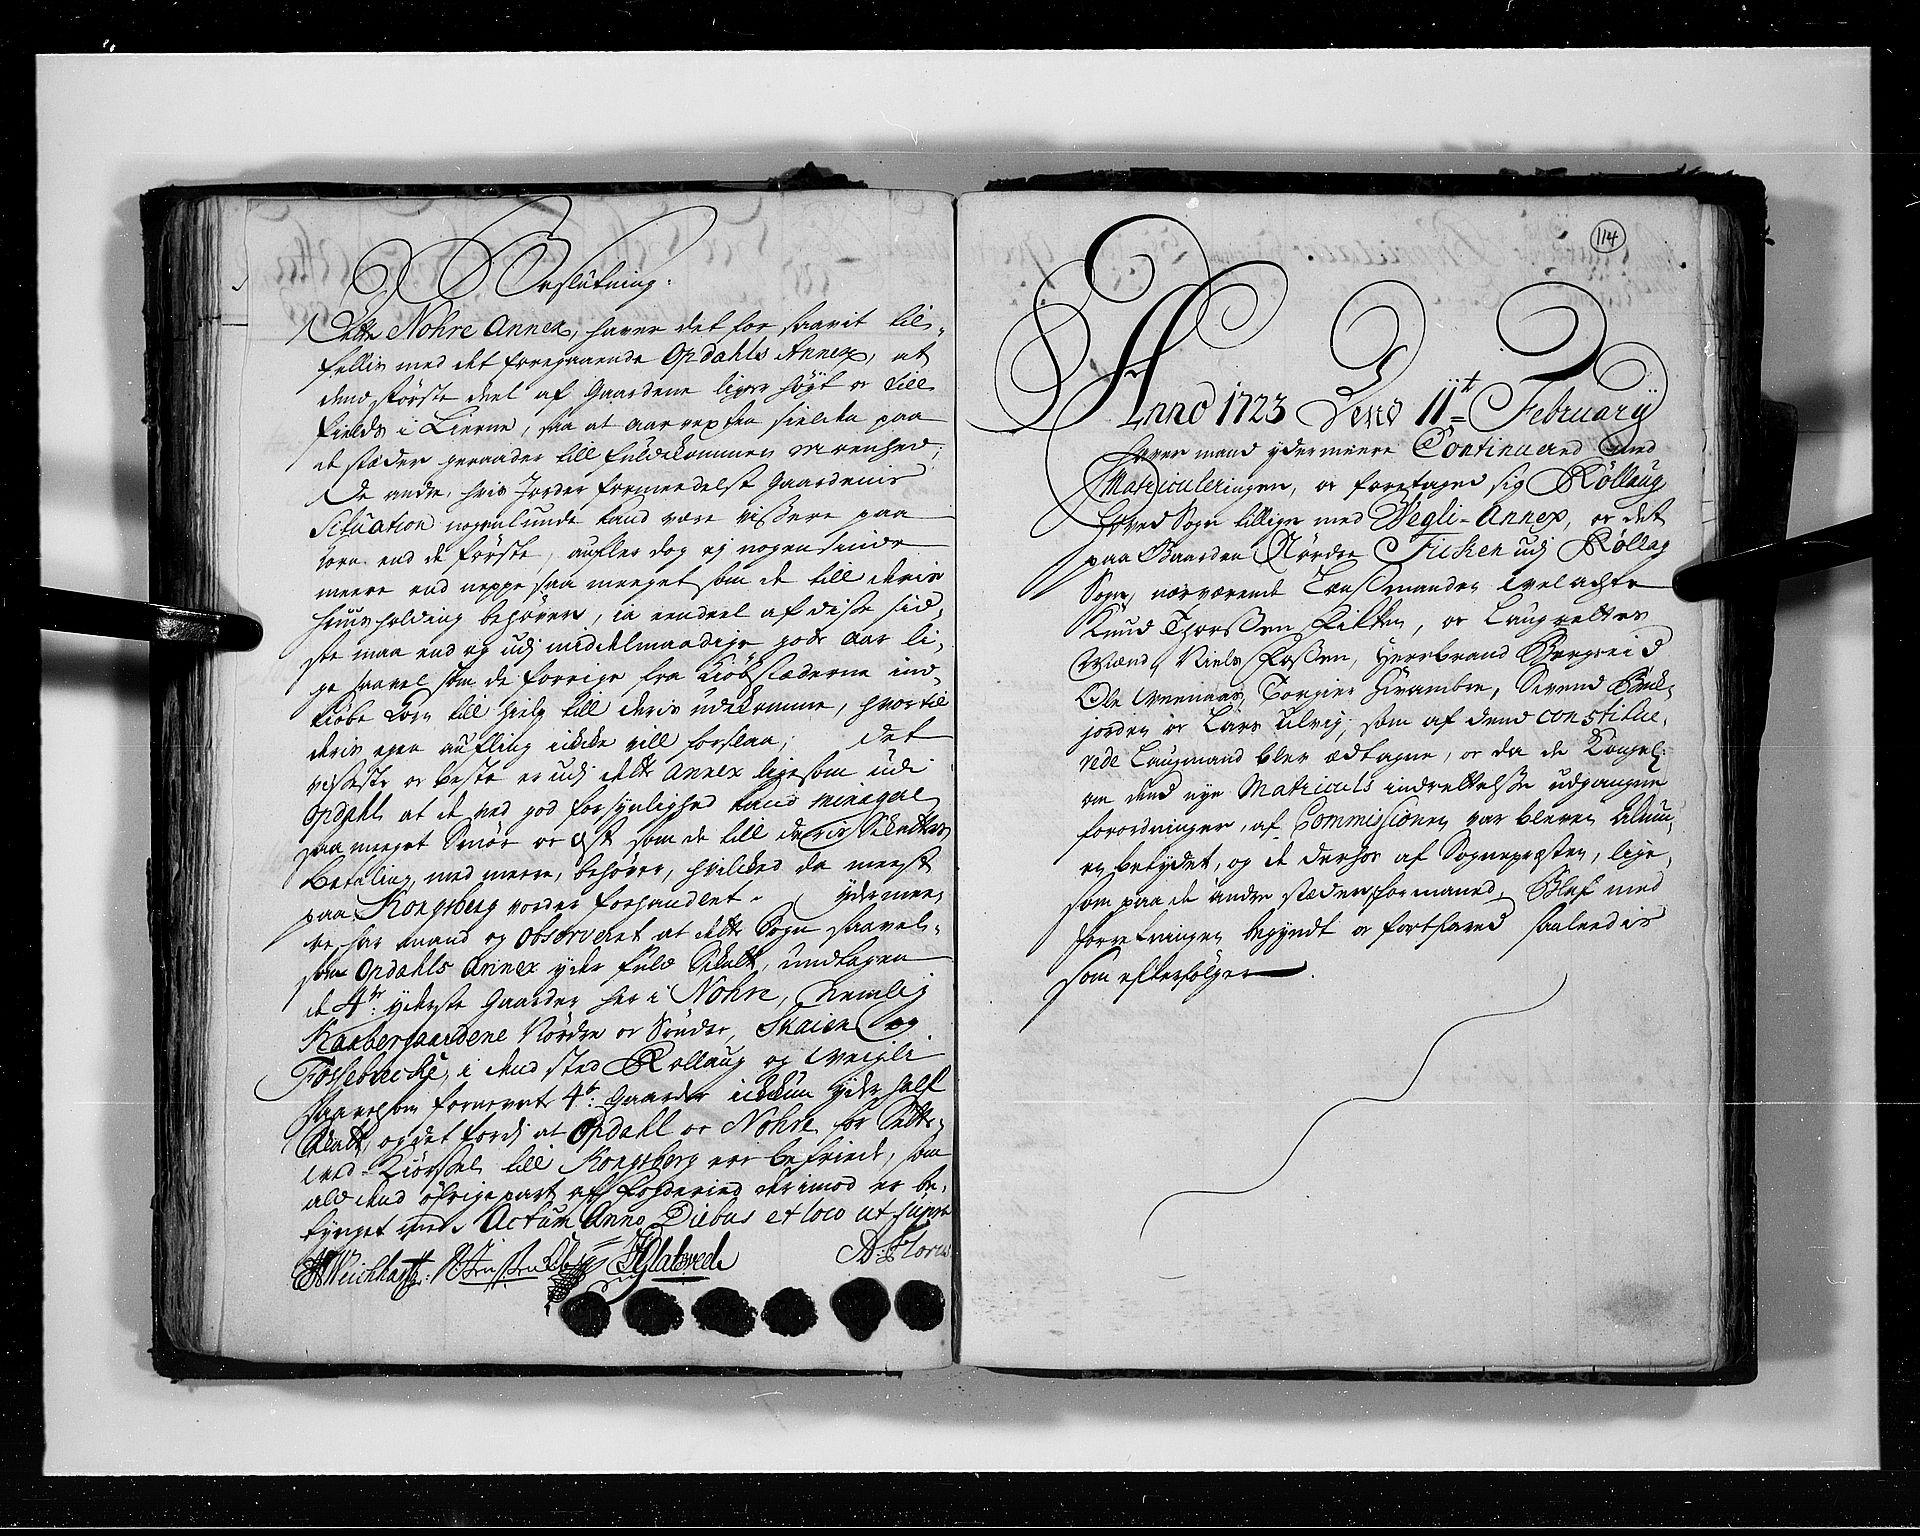 RA, Rentekammeret inntil 1814, Realistisk ordnet avdeling, N/Nb/Nbf/L0113: Numedal og Sandsvær eksaminasjonsprotokoll, 1723, s. 113b-114a